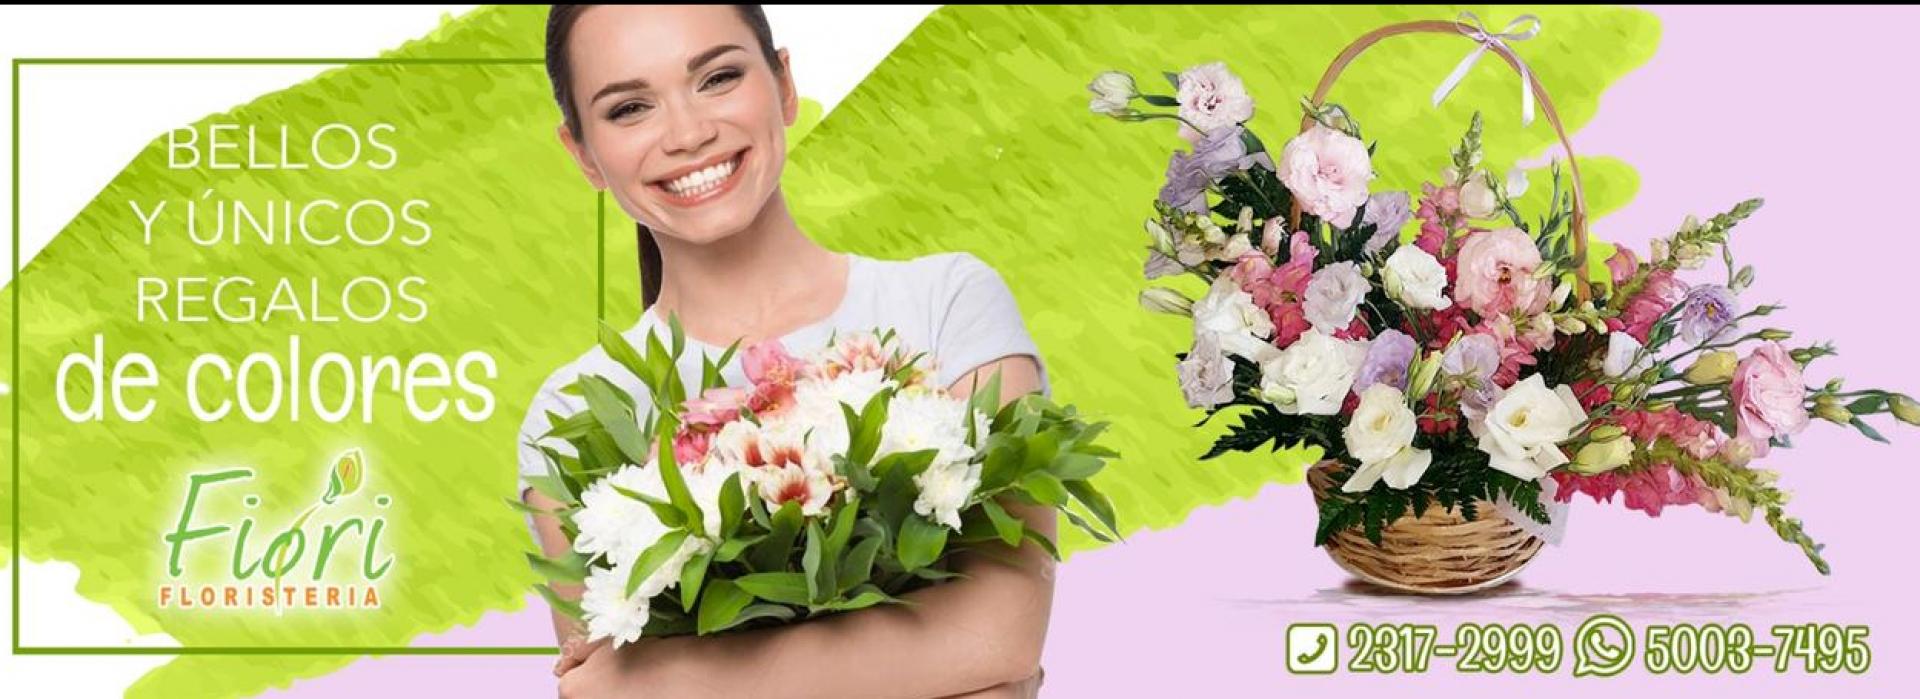 Floristería Fiori Detalles Arreglos Florales Y Más En